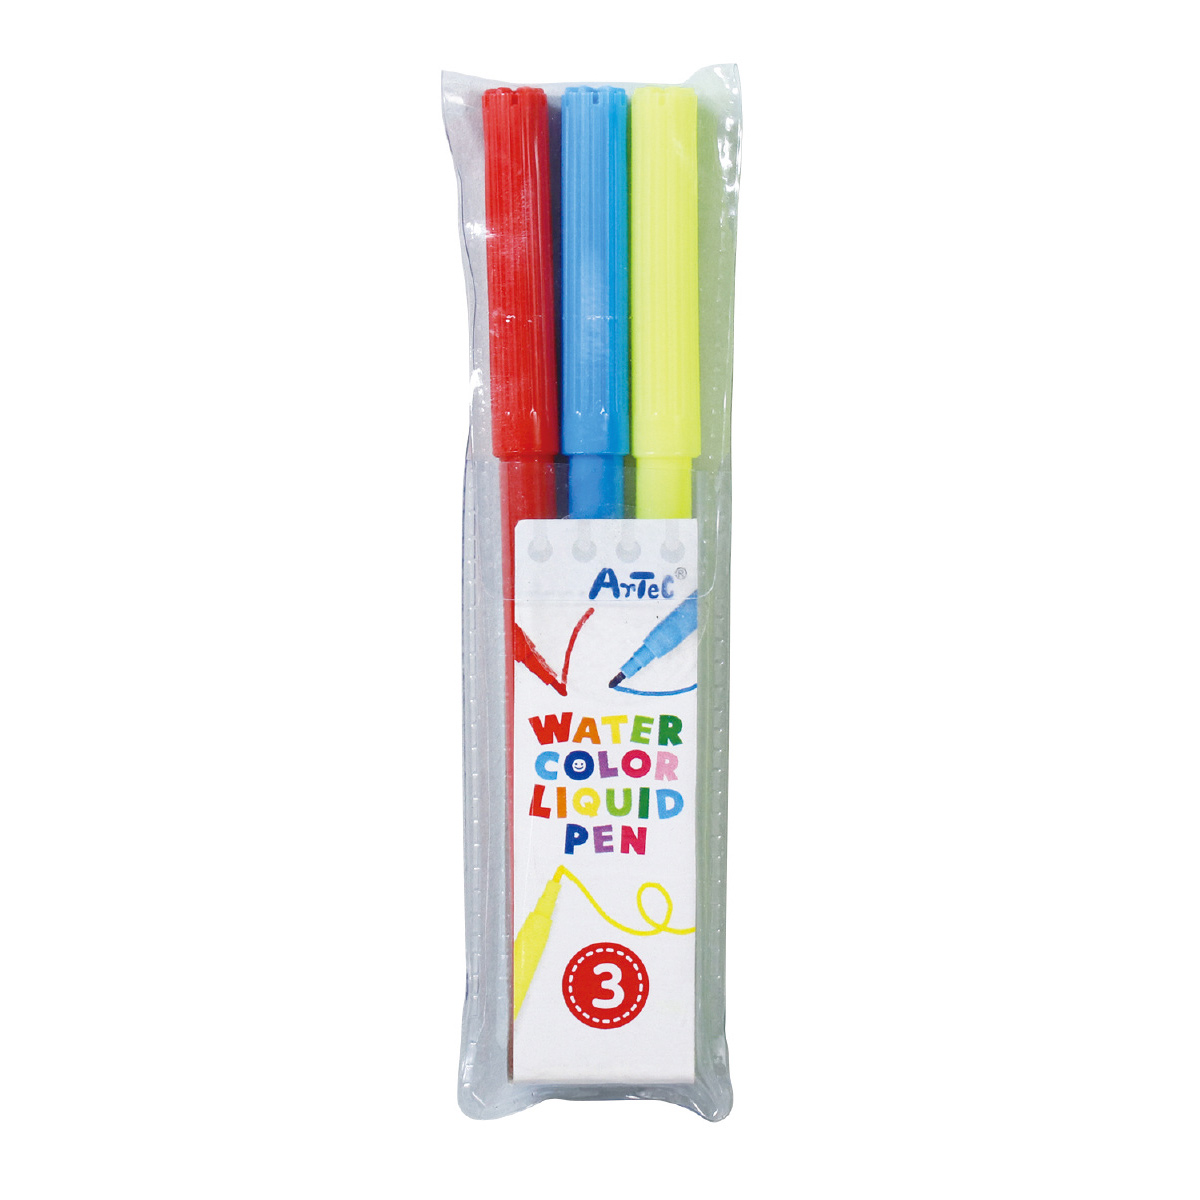 水性 カラーペンセット[3色] 知育玩具 お絵かき キッズ 子供 ペン 工作 文具 景品 クリスマスプレゼント